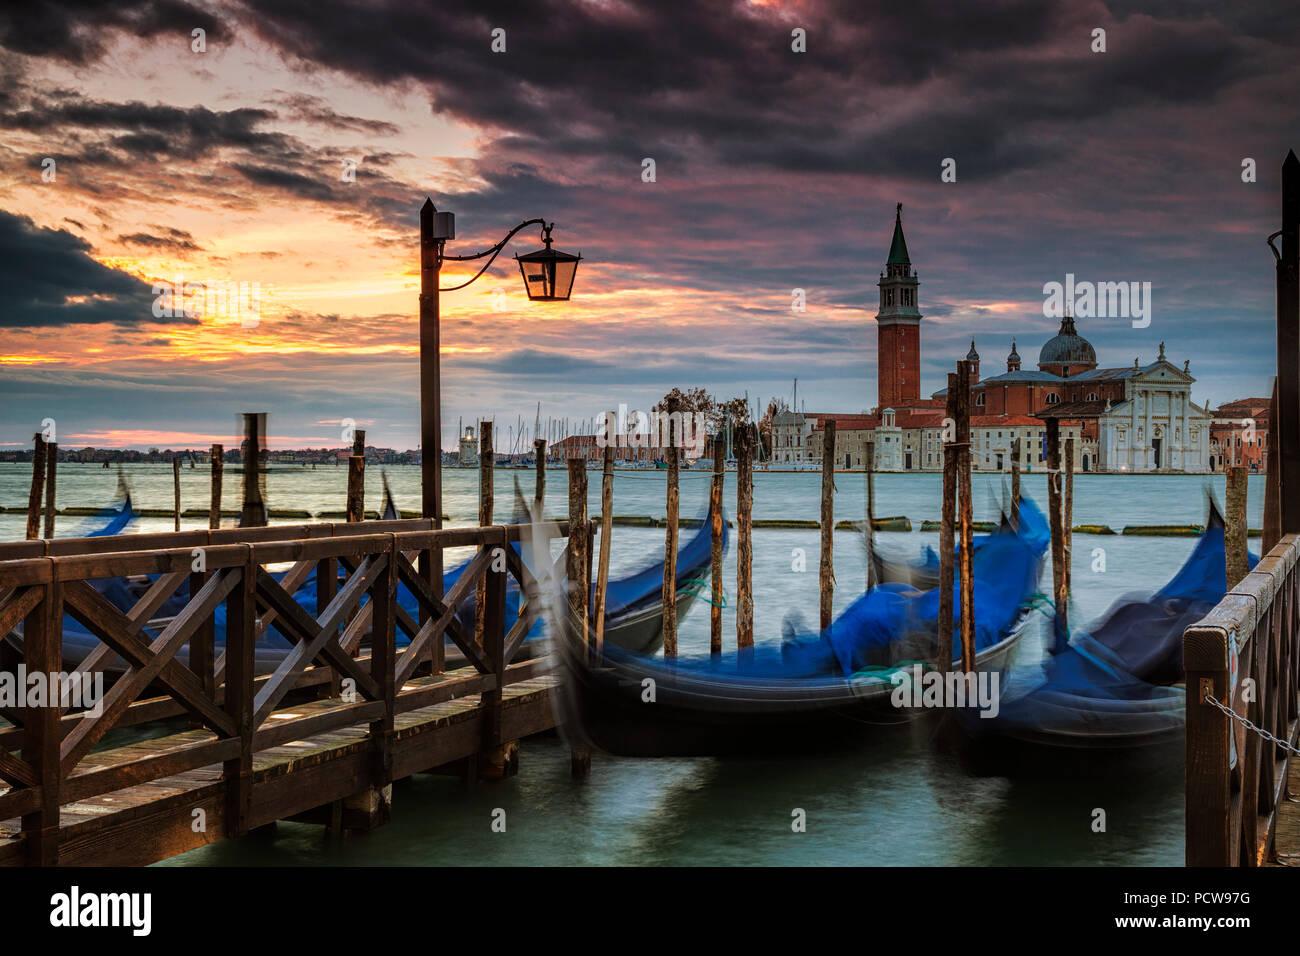 Geparkt Gondeln in Venedig mit der Insel San Giorgio Maggiore im Hintergrund Stockbild